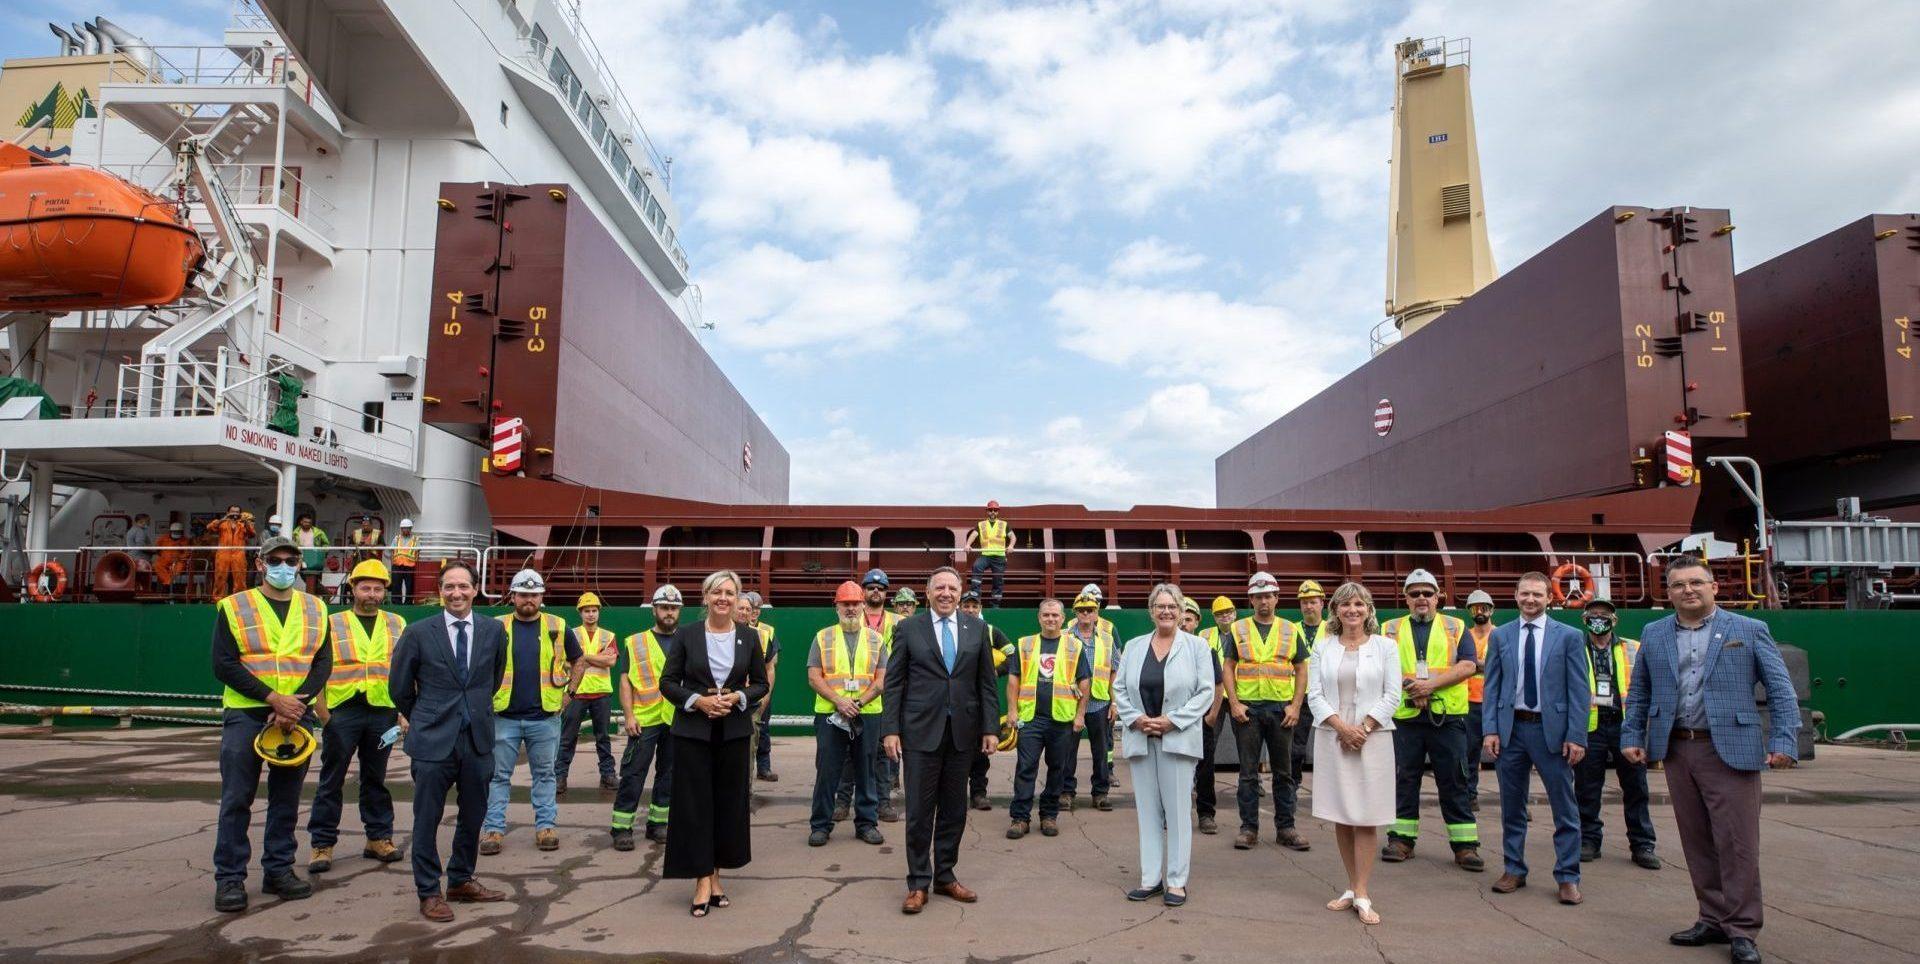 Après le refus de GNL, Legault veut d'autres projets pour le Port de Saguenay